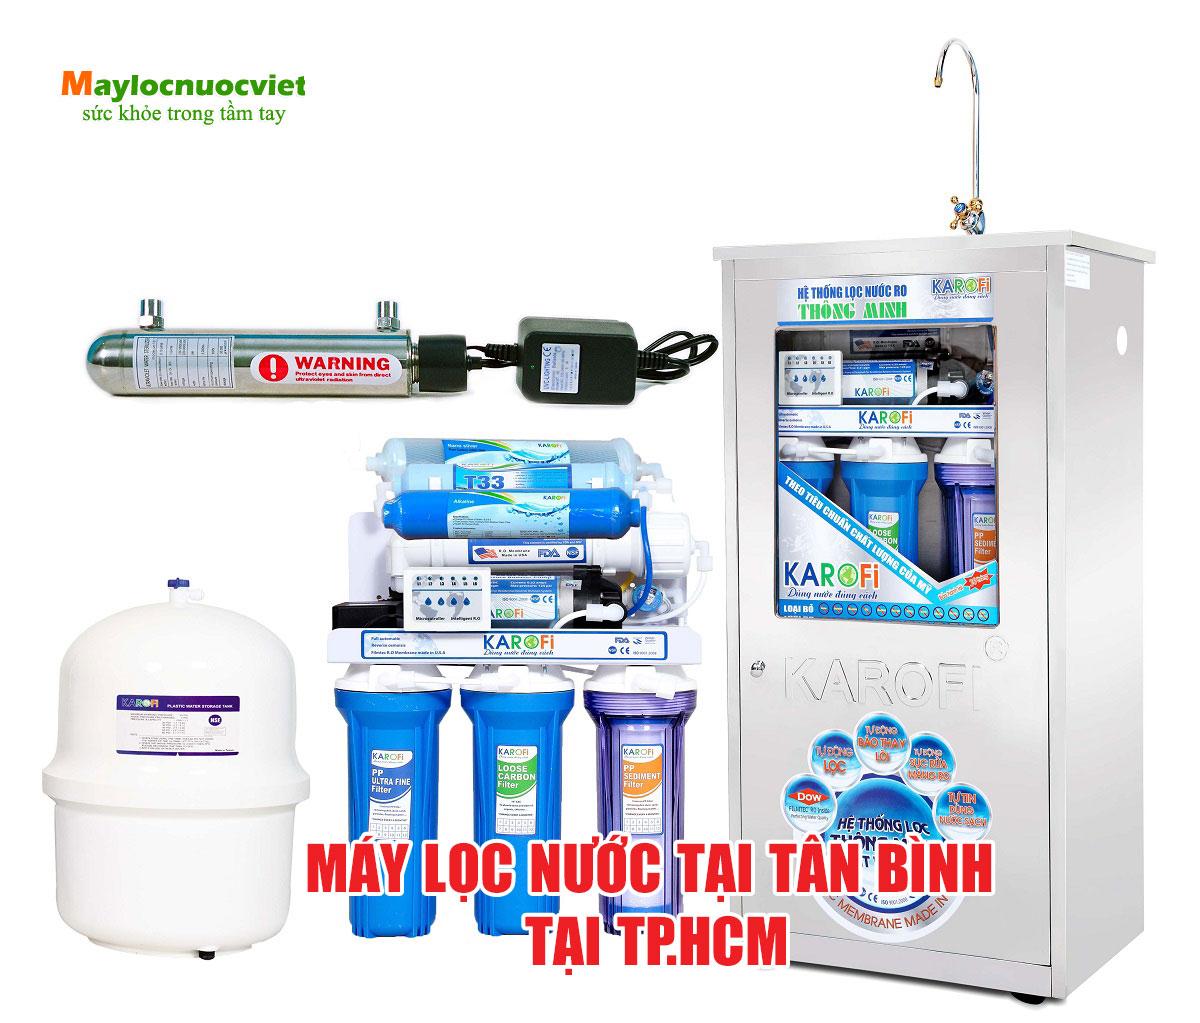 Máy lọc nước tại Tân Bình tại TP.HCM